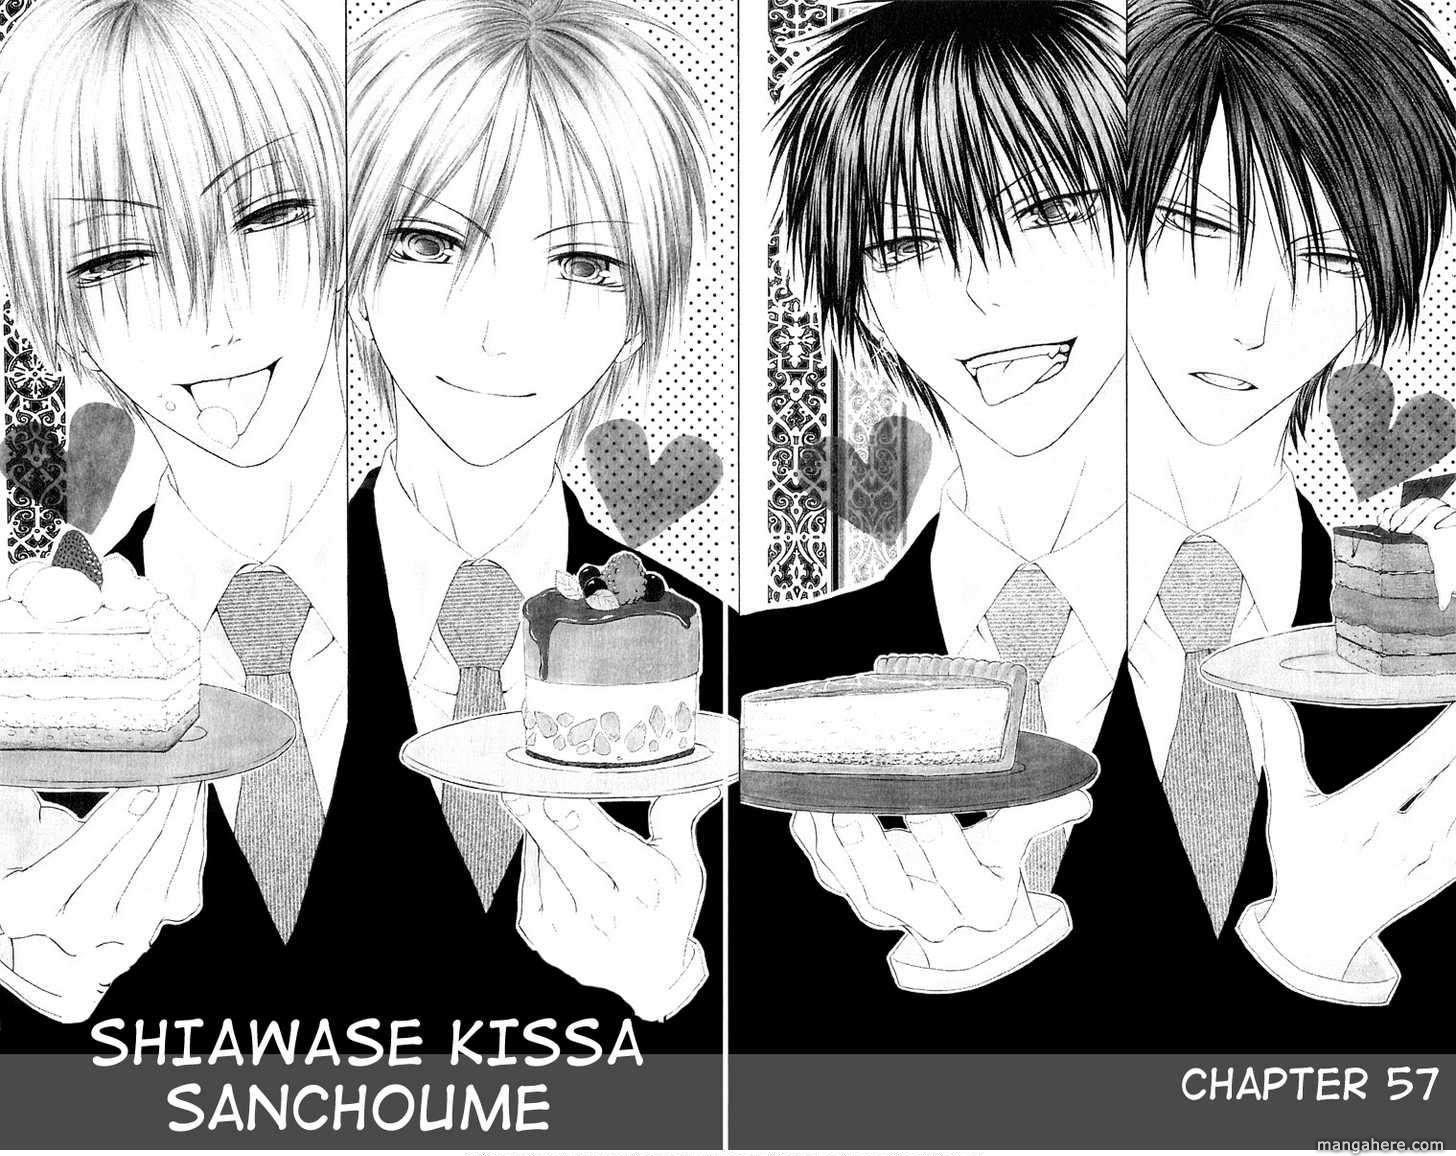 Shiawase Kissa Sanchoume 57 Page 1